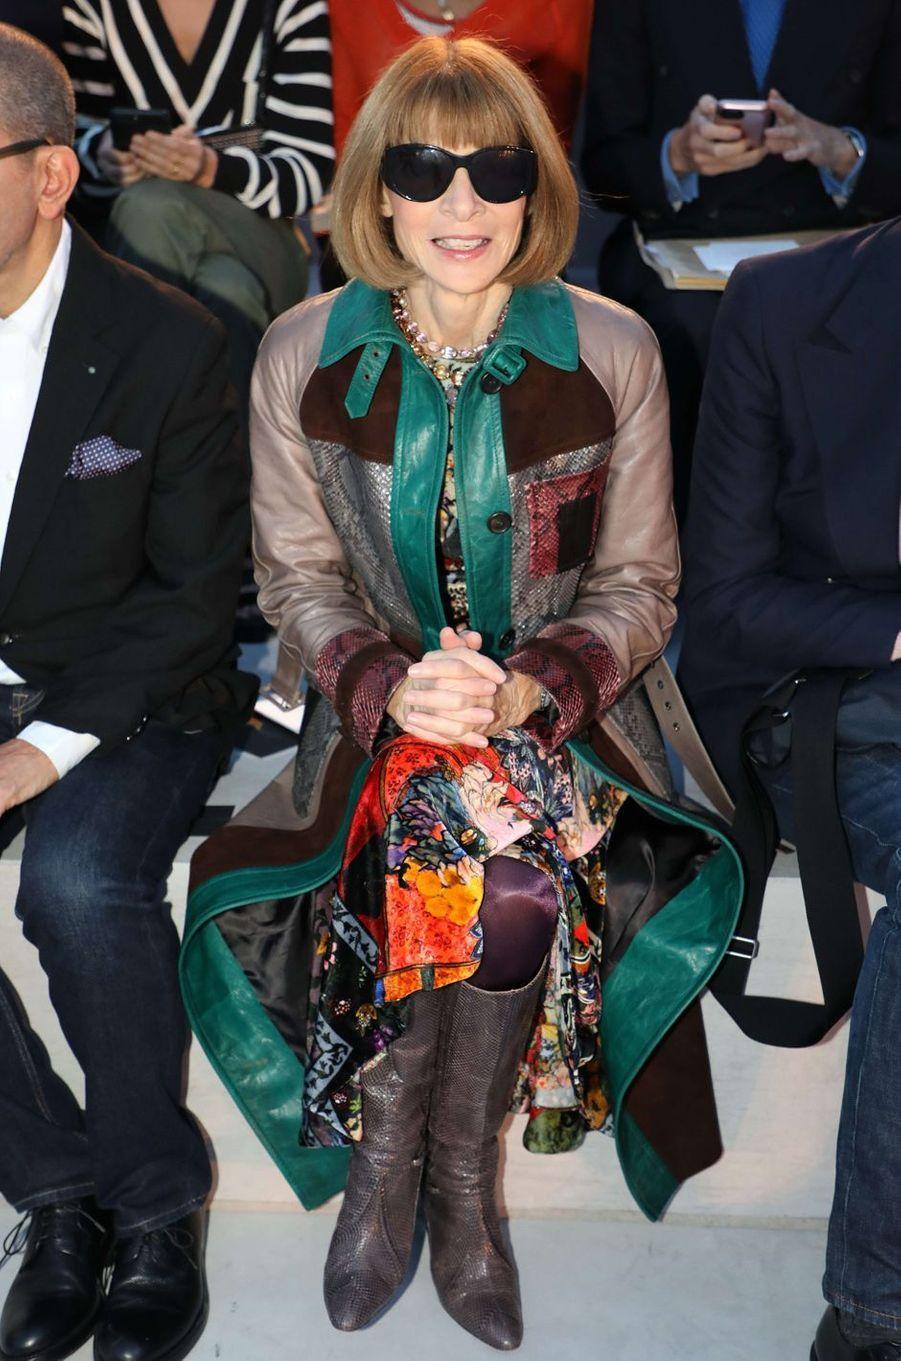 Anna Wintourau défilé Yves Saint Laurent, le 26 septembre 2017 à Paris.